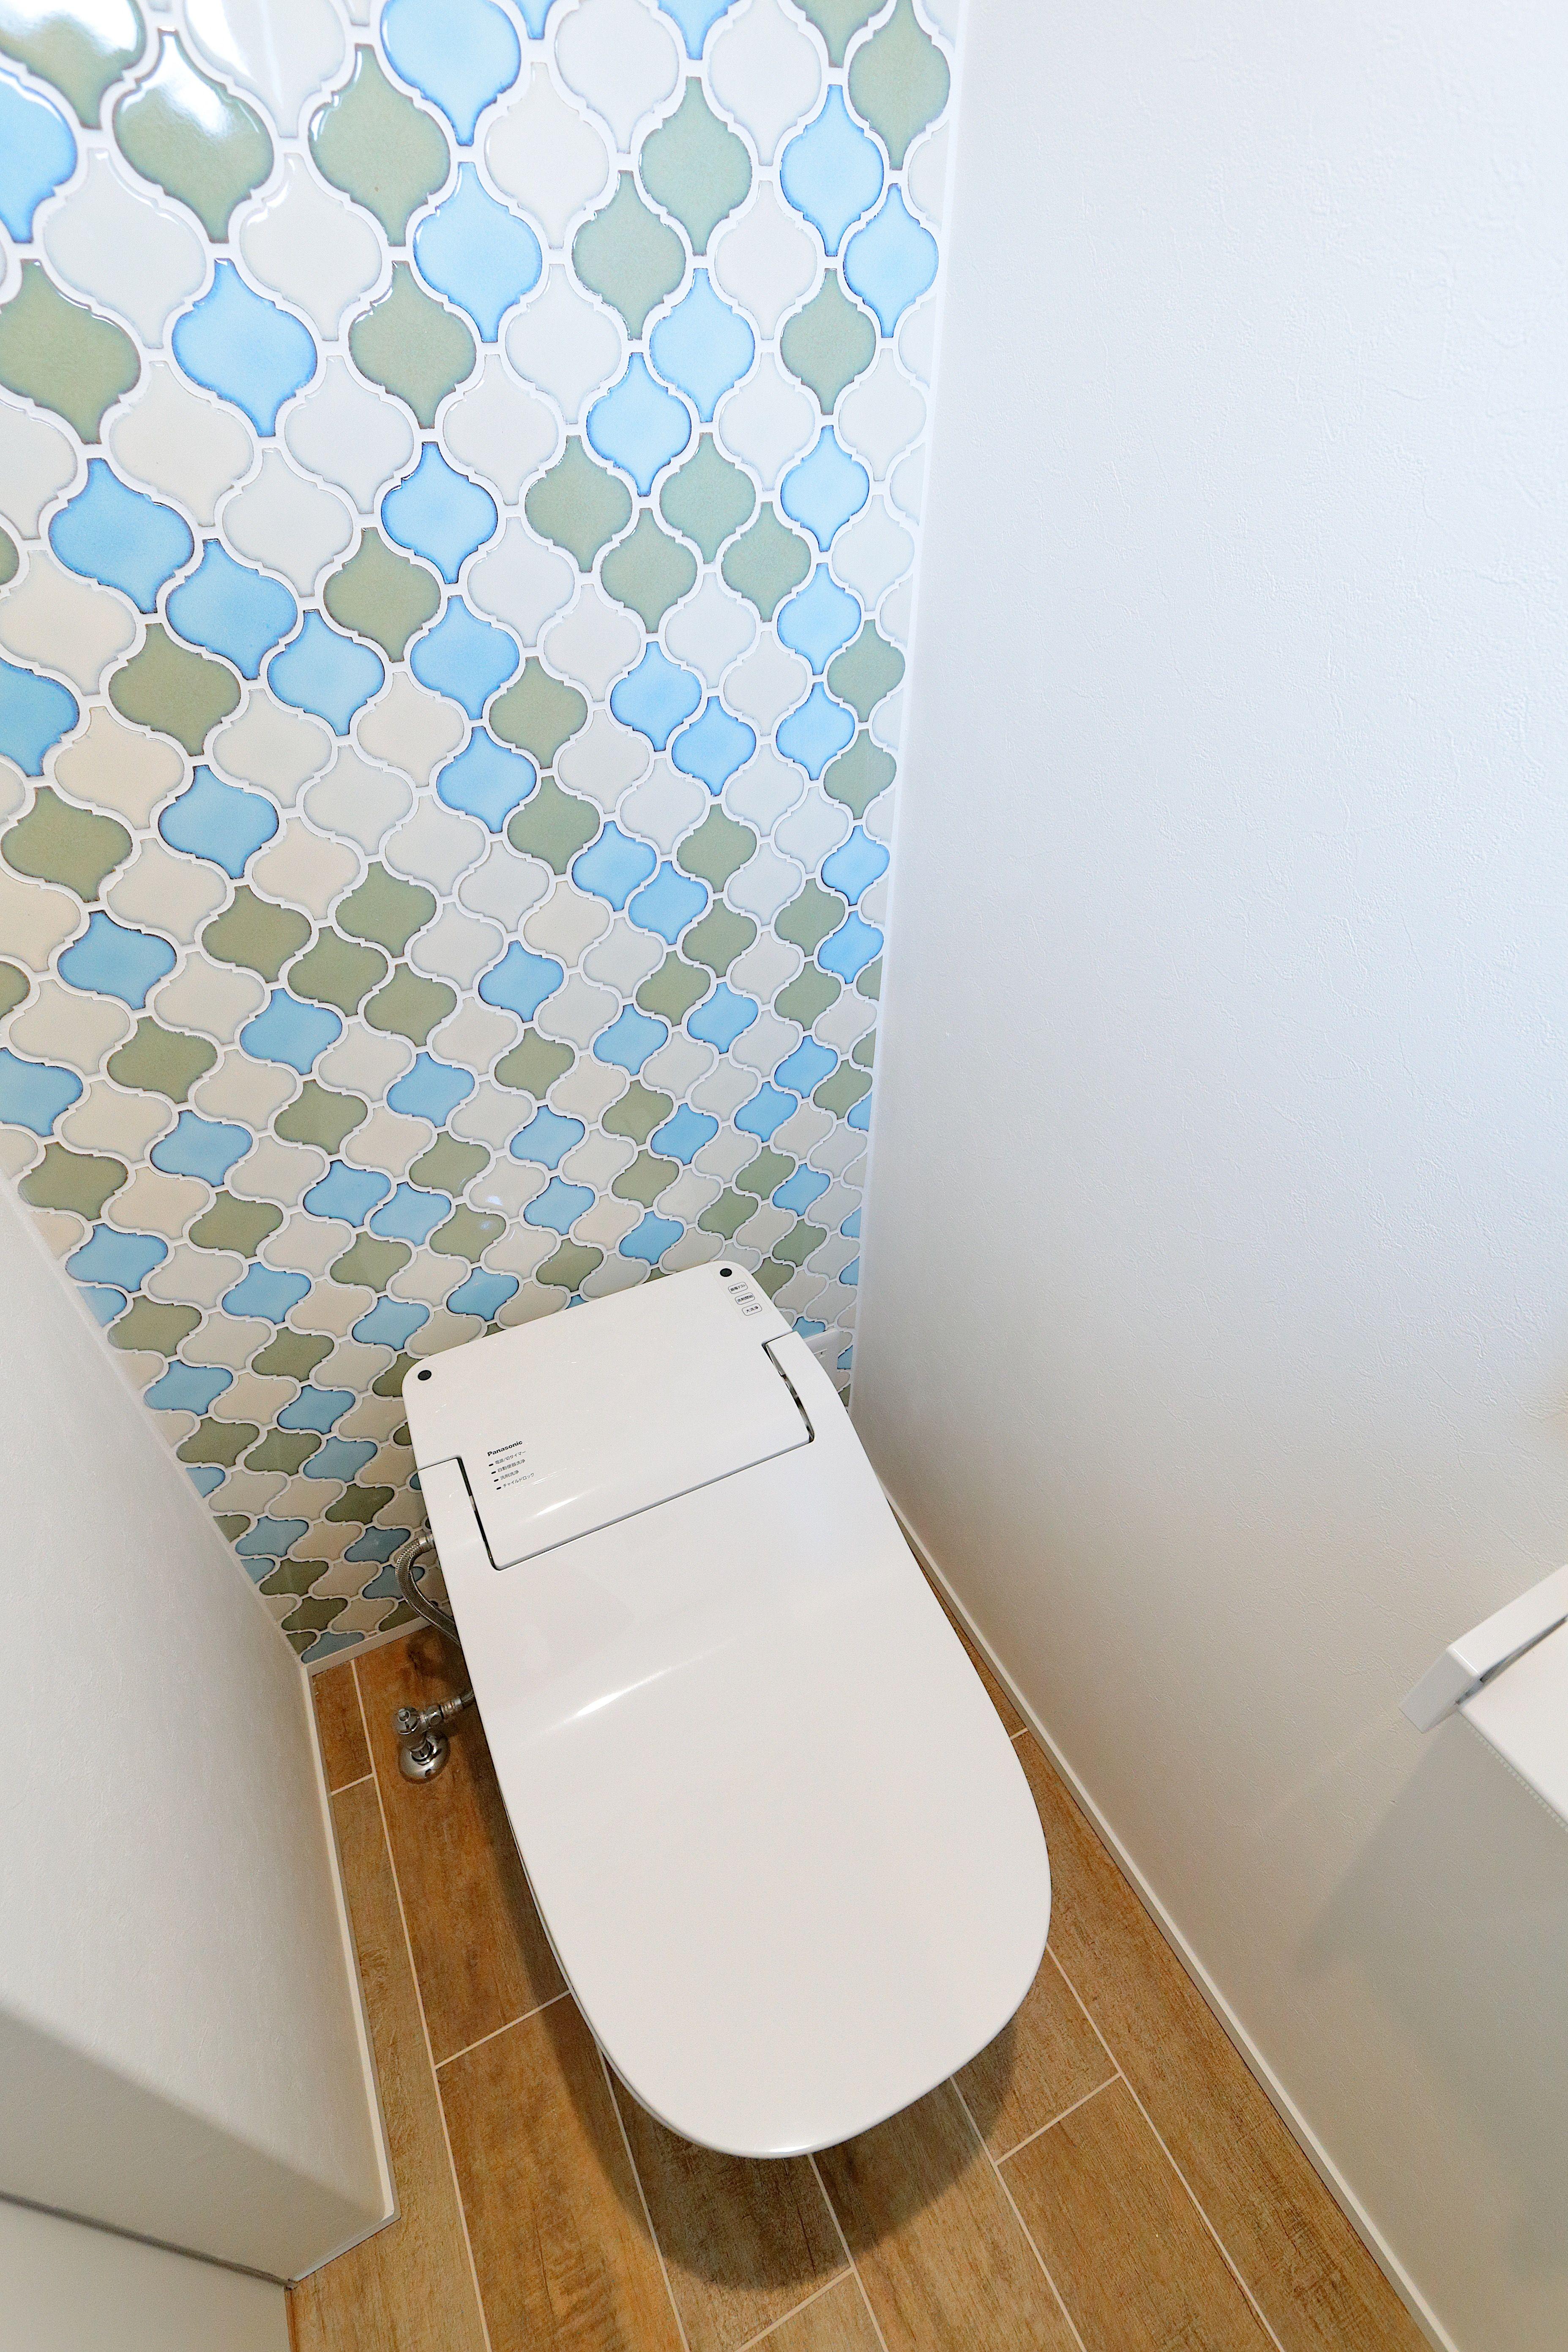 ジェネシスの施工事例 府中市にある コバコノイエ の施工写真集 トイレ モロッカンタイル サンワカンパニー ジェネシス モロッカン トイレ